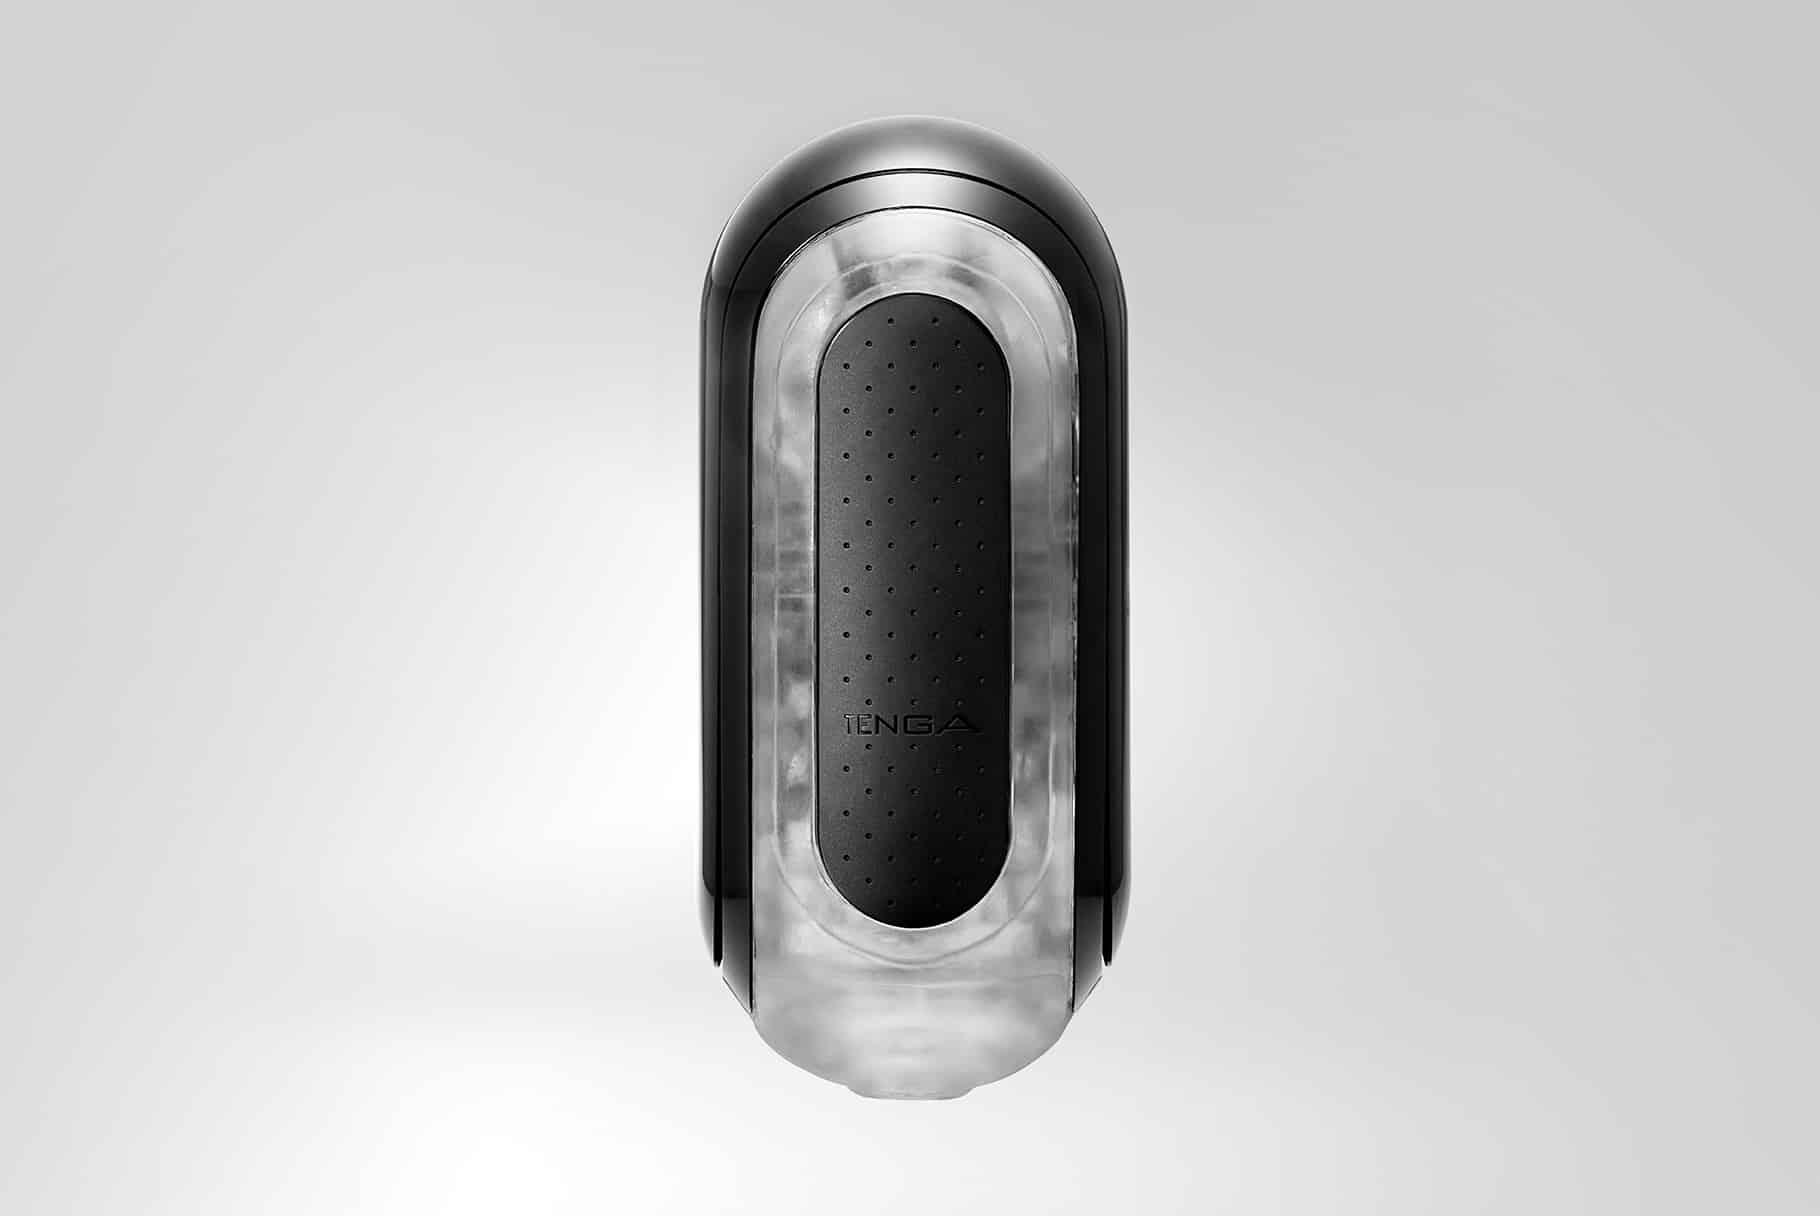 Tenga Flip Zero futurystyczny masturbator z otwieraną obudową | Recenzja